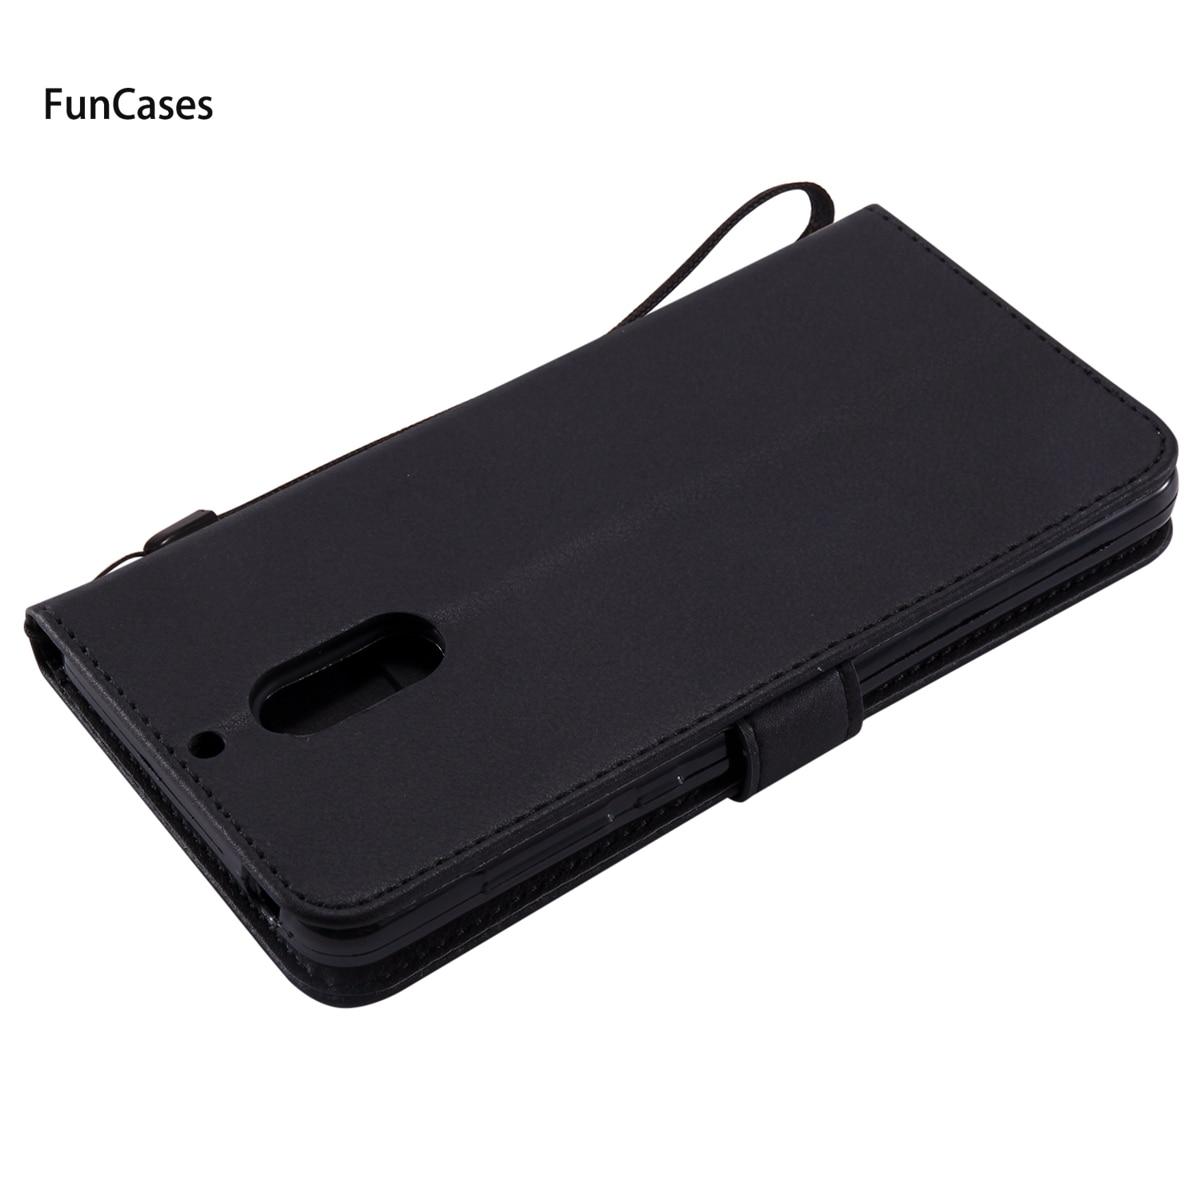 Pure Color Wallet Phone Case sFor Celular Nokia 6 Soft Silicone Back Cover Carcasa Unicorn Back Cover For Nokia 6 Telefonos Ajax